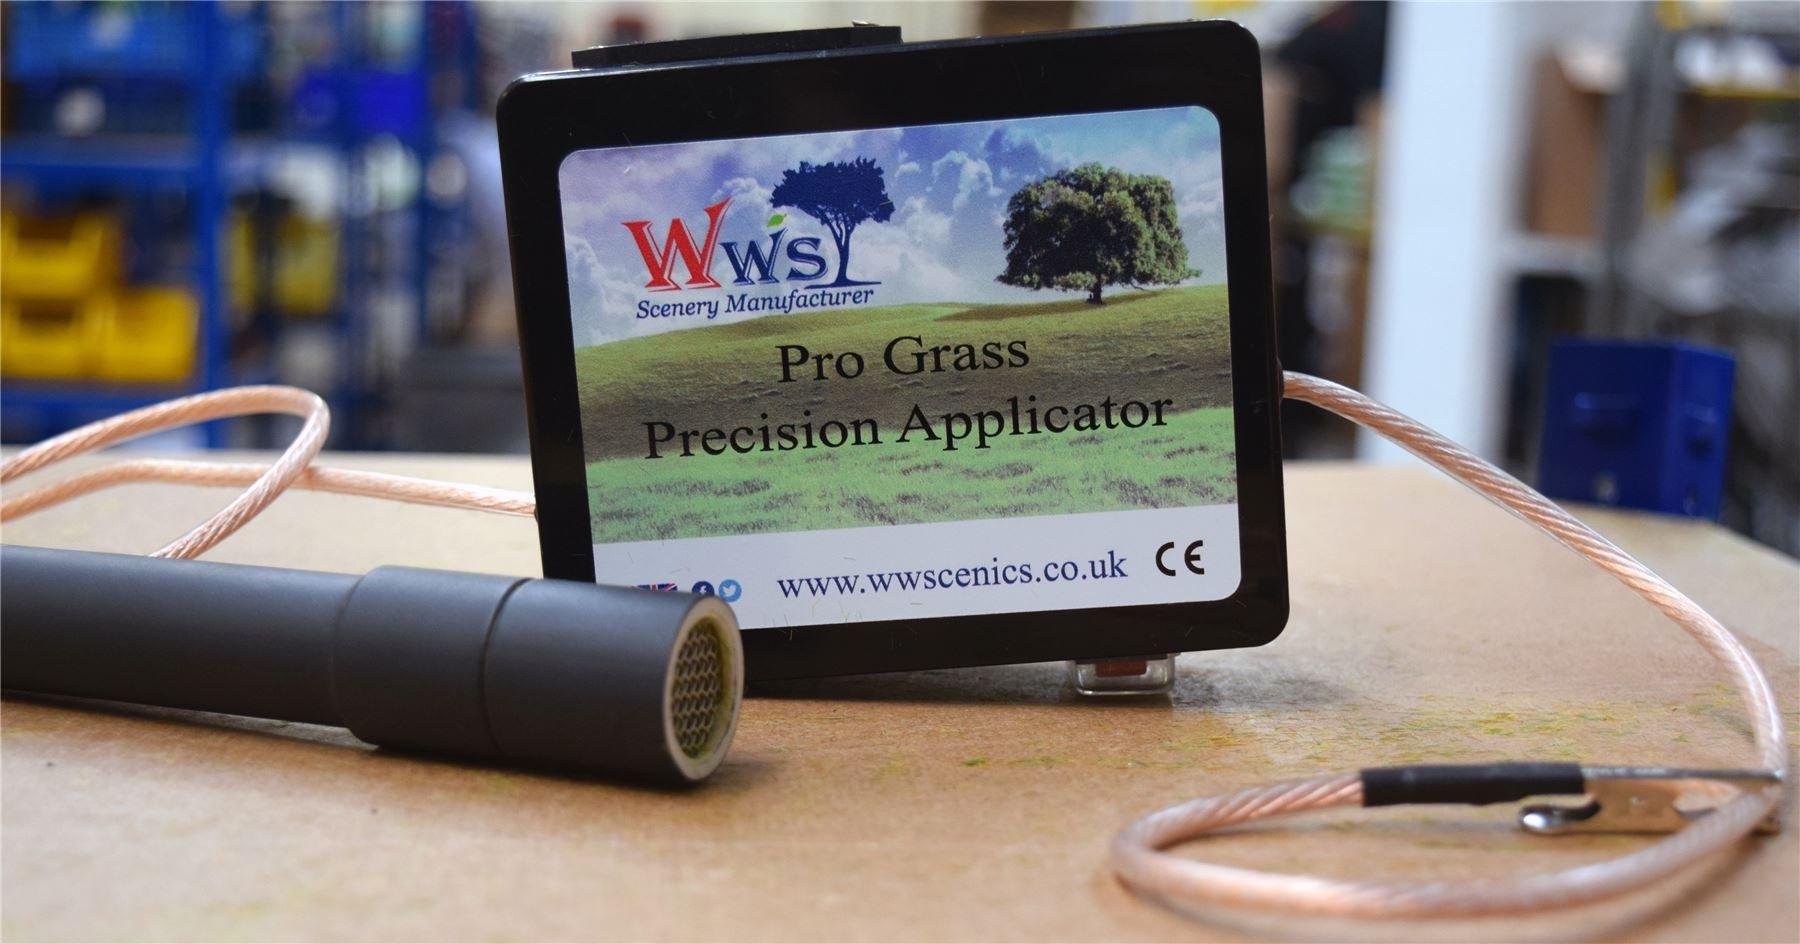 WWS Pro Grass Precision Applicator